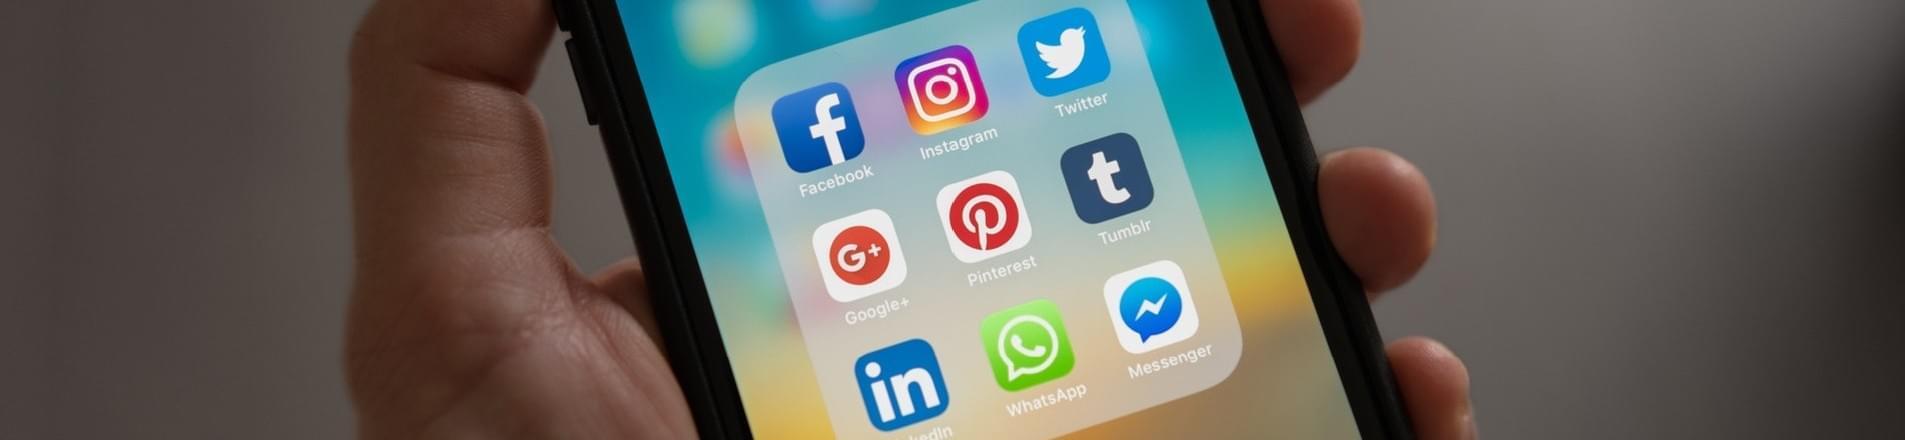 Social Media Today part 2